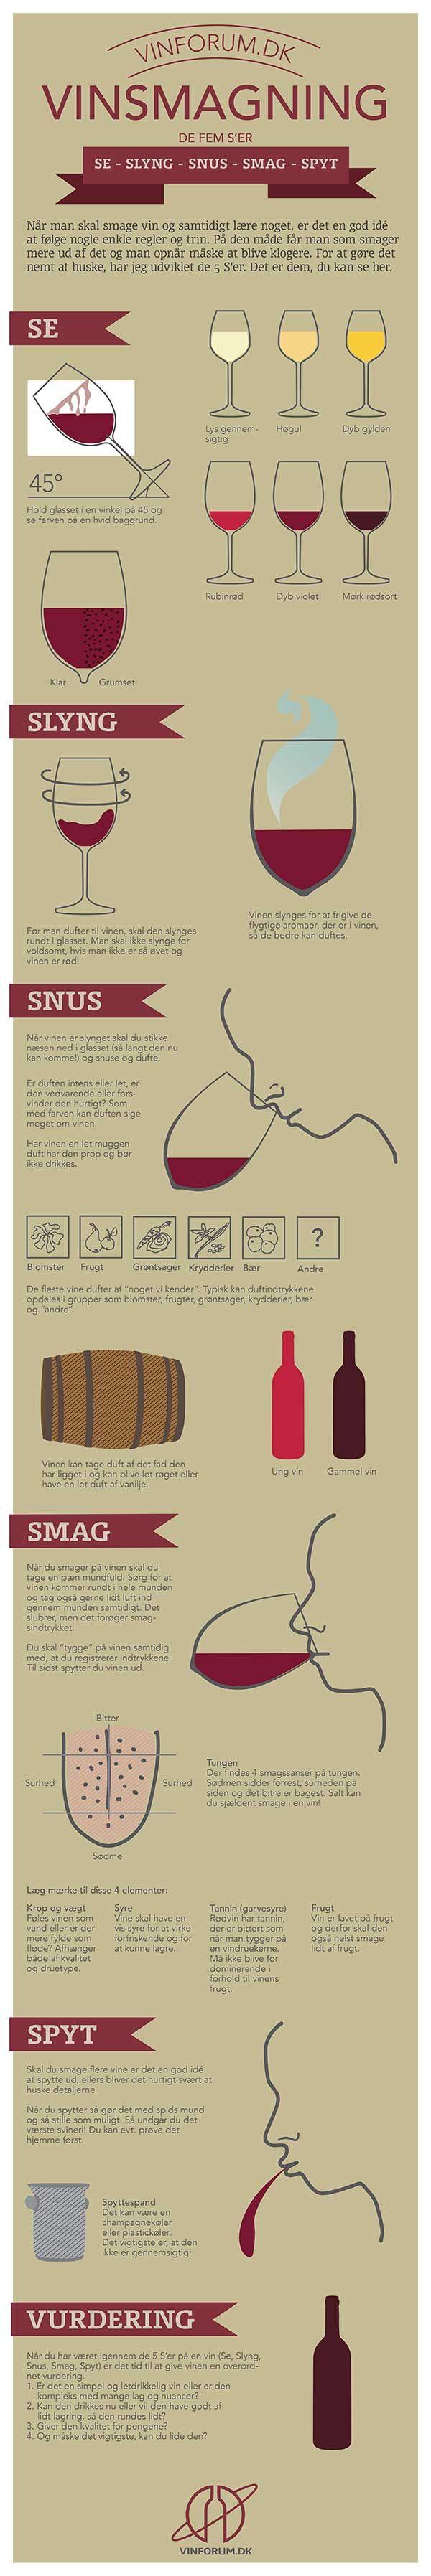 Vinsmagning infografik. Omhandler 5 nemme trin til bedre vinsmagning. Jeg kalder dem de 5 S'er; Se, Slyng, Snus, Smag og Spyt.